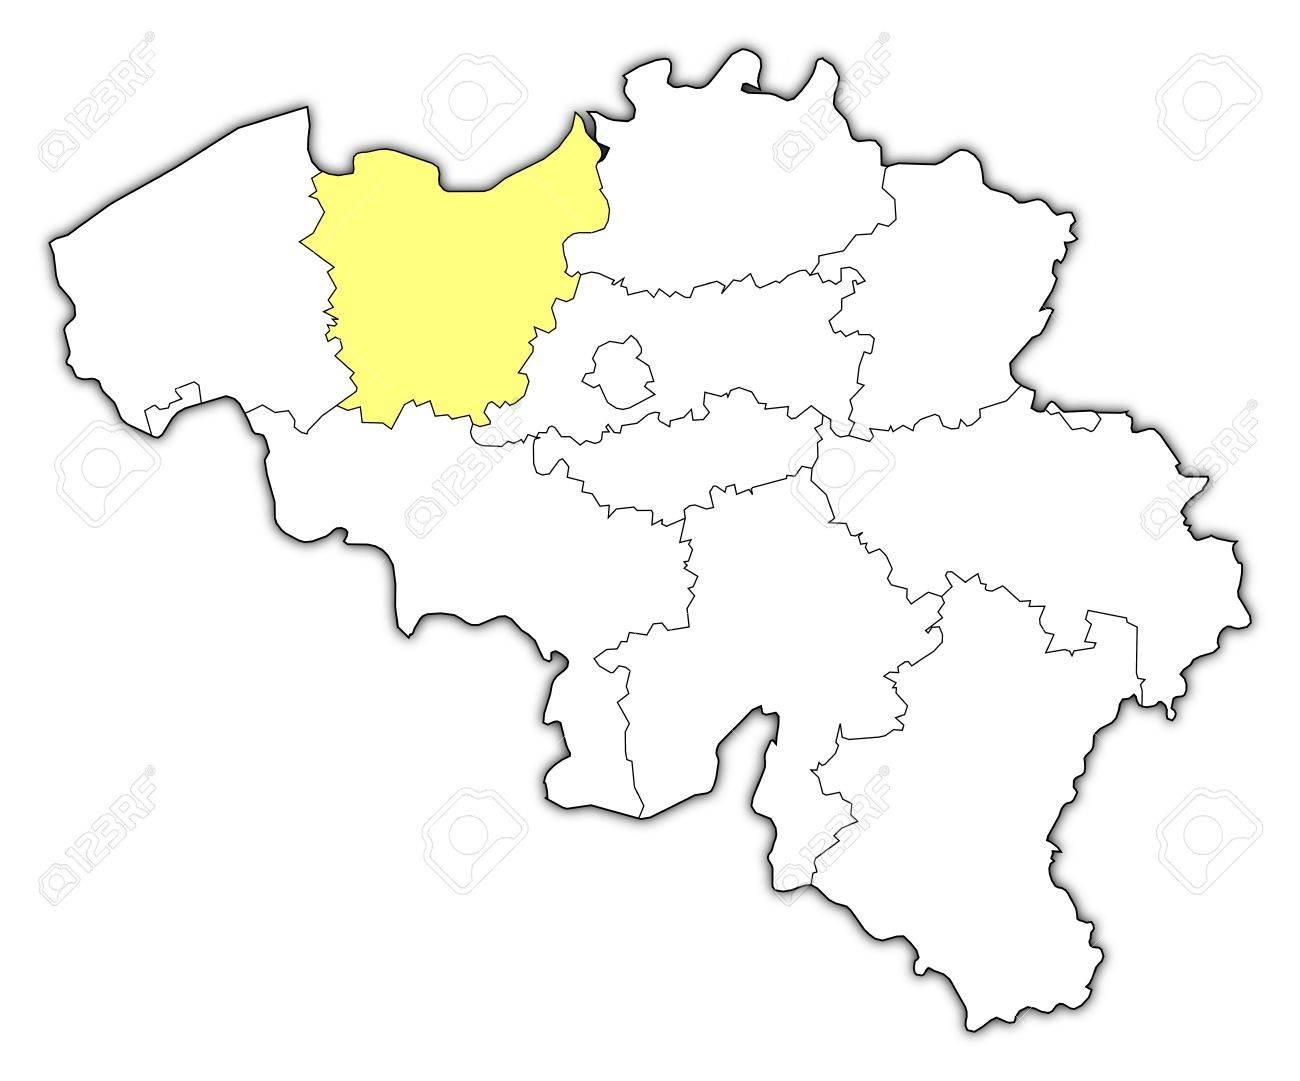 Mapa Politico De Belgica Con Los Varios Estados En Donde Se